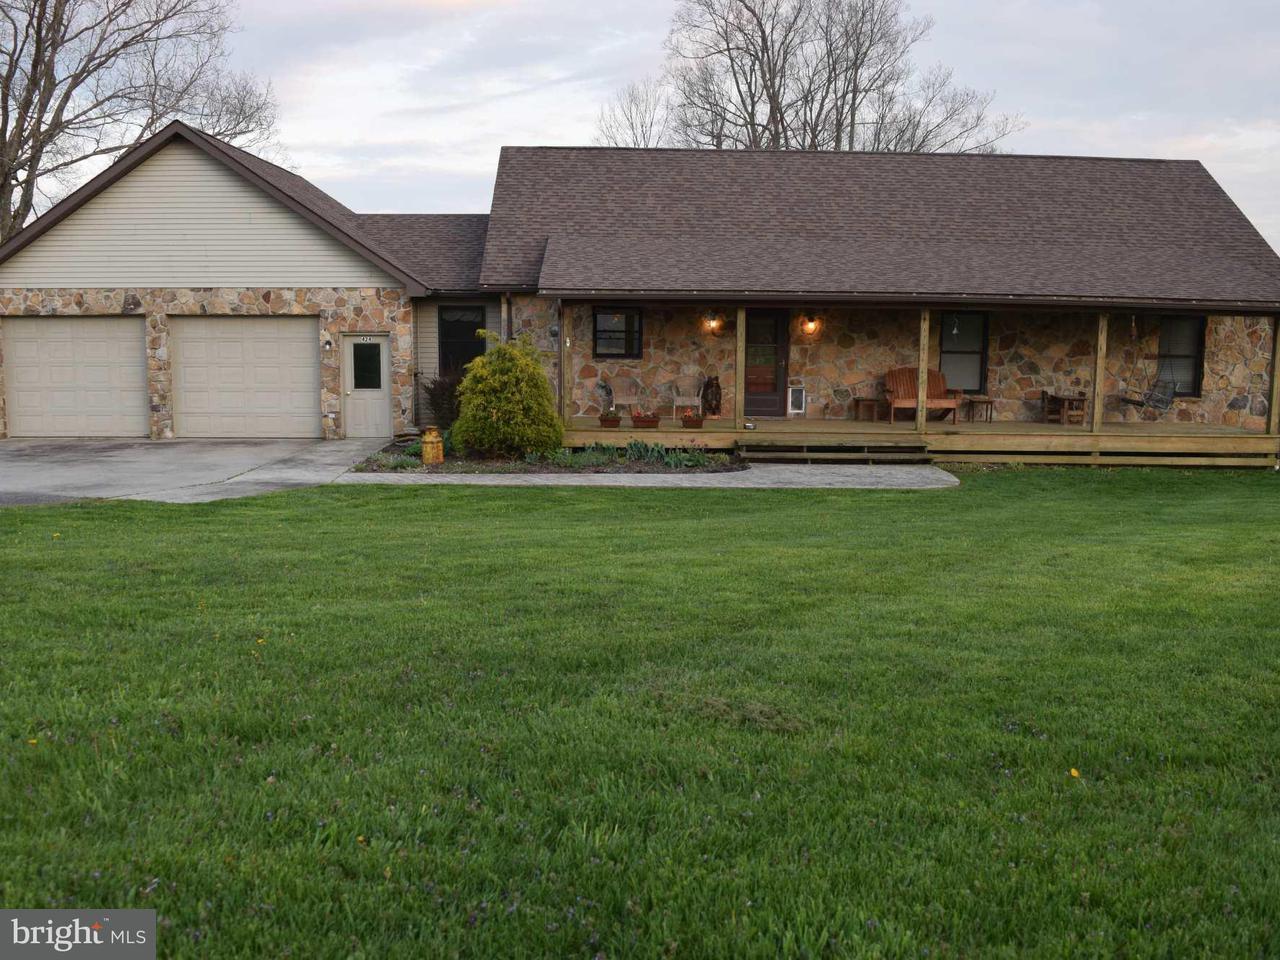 Single Family for Sale at 424 Maynardier Ridge Rd Bittinger, Maryland 21522 United States